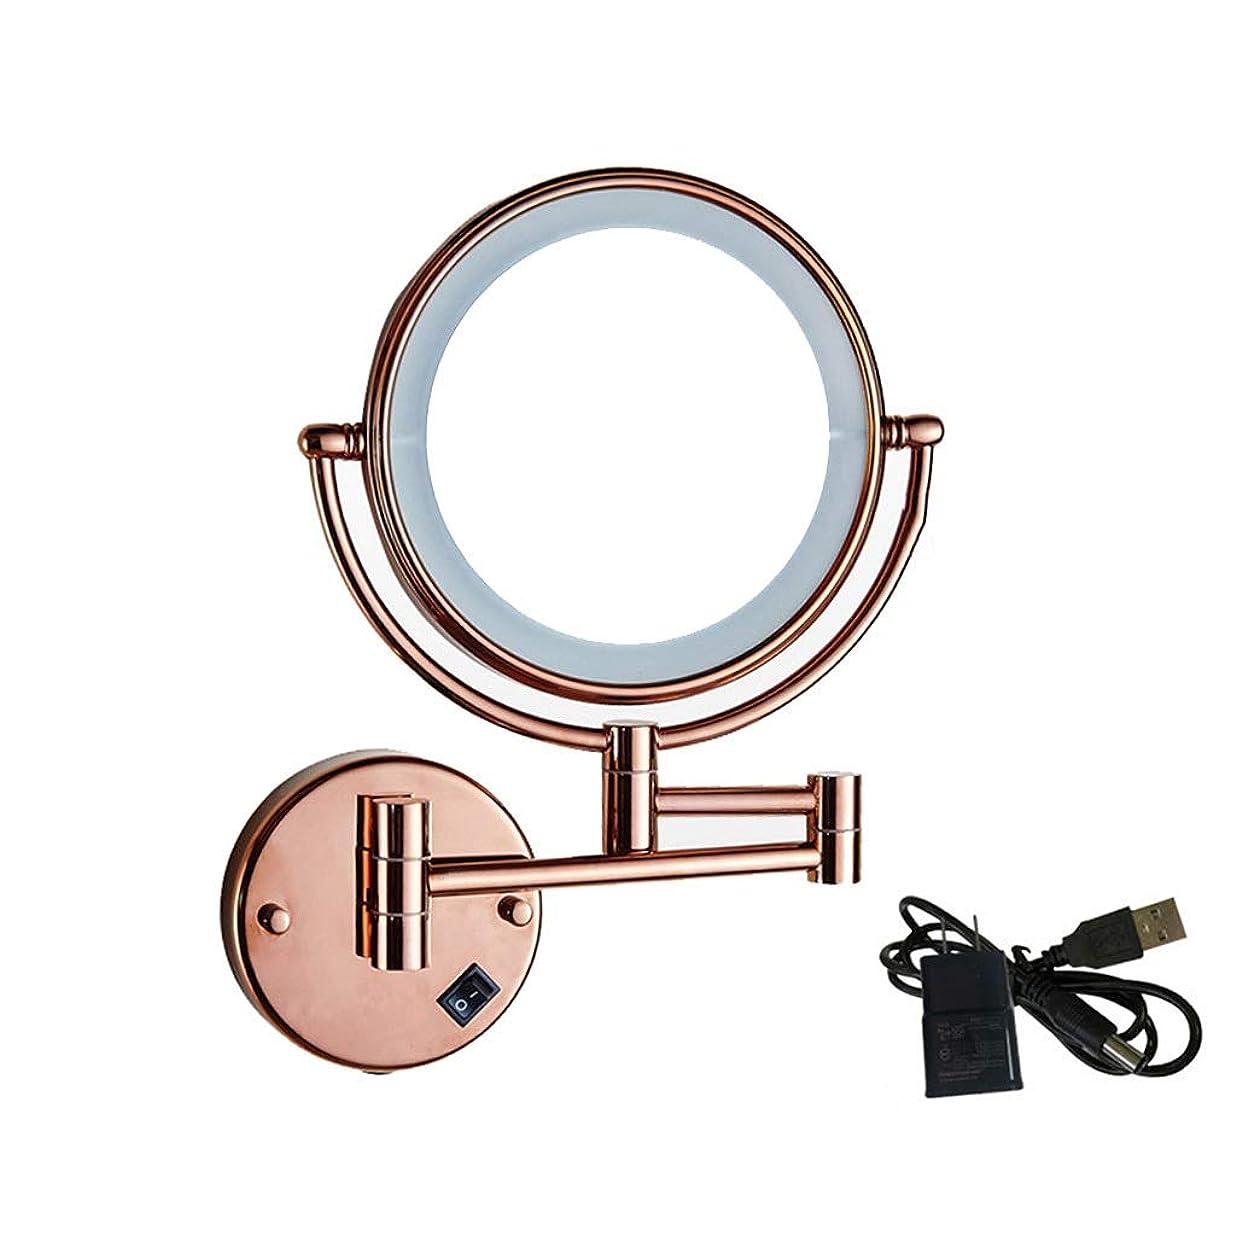 解釈的酔う災害.化粧鏡 ウォールマウントミラー - LEDライト付き化粧鏡8インチ3X拡大鏡両面ラウンドバスルーム360°回転折りたたみ式アーム ED化粧鏡1倍/ 2倍/ 3倍/ 5倍/ 10倍拡大鏡ポ (Color : USB)